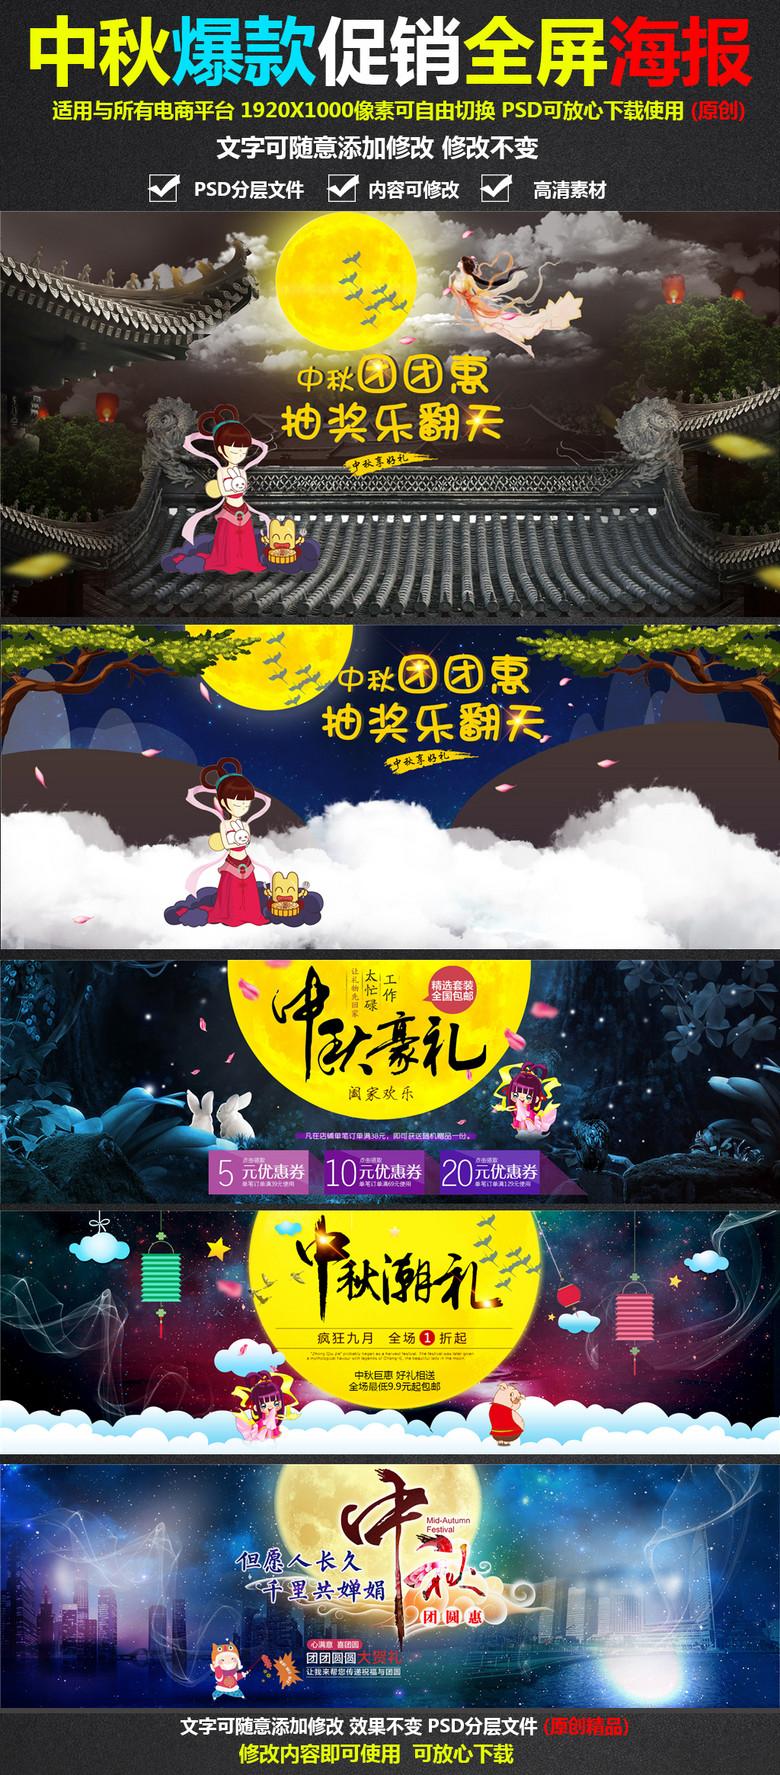 淘宝天猫中秋节海报促销PSD模板